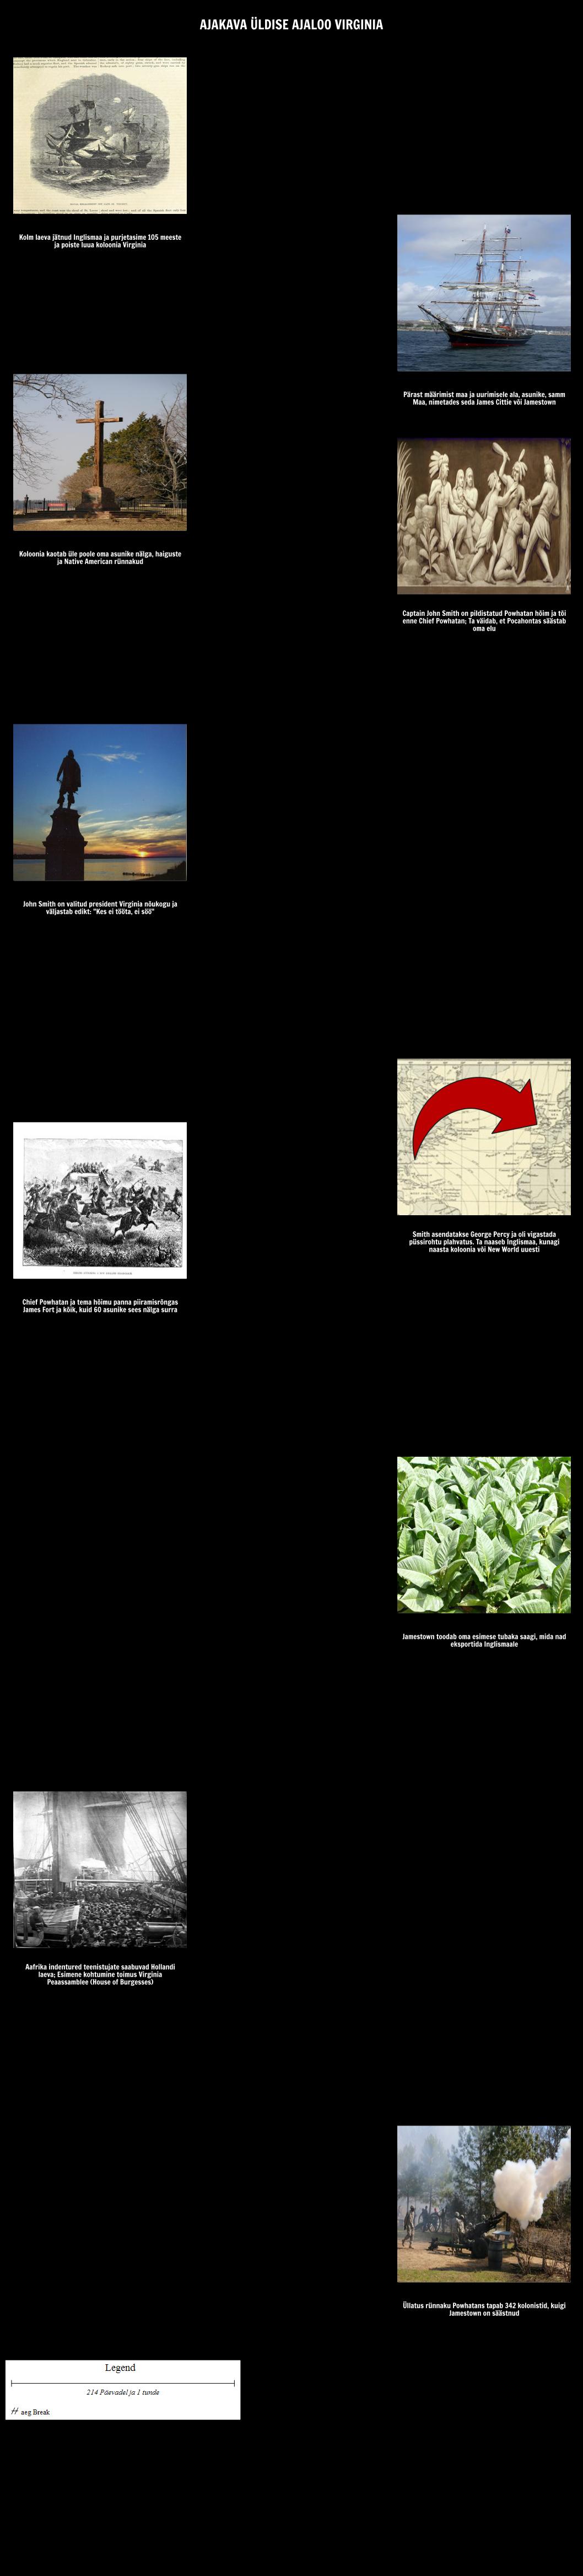 Timeline Üldise Ajalugu Virginia